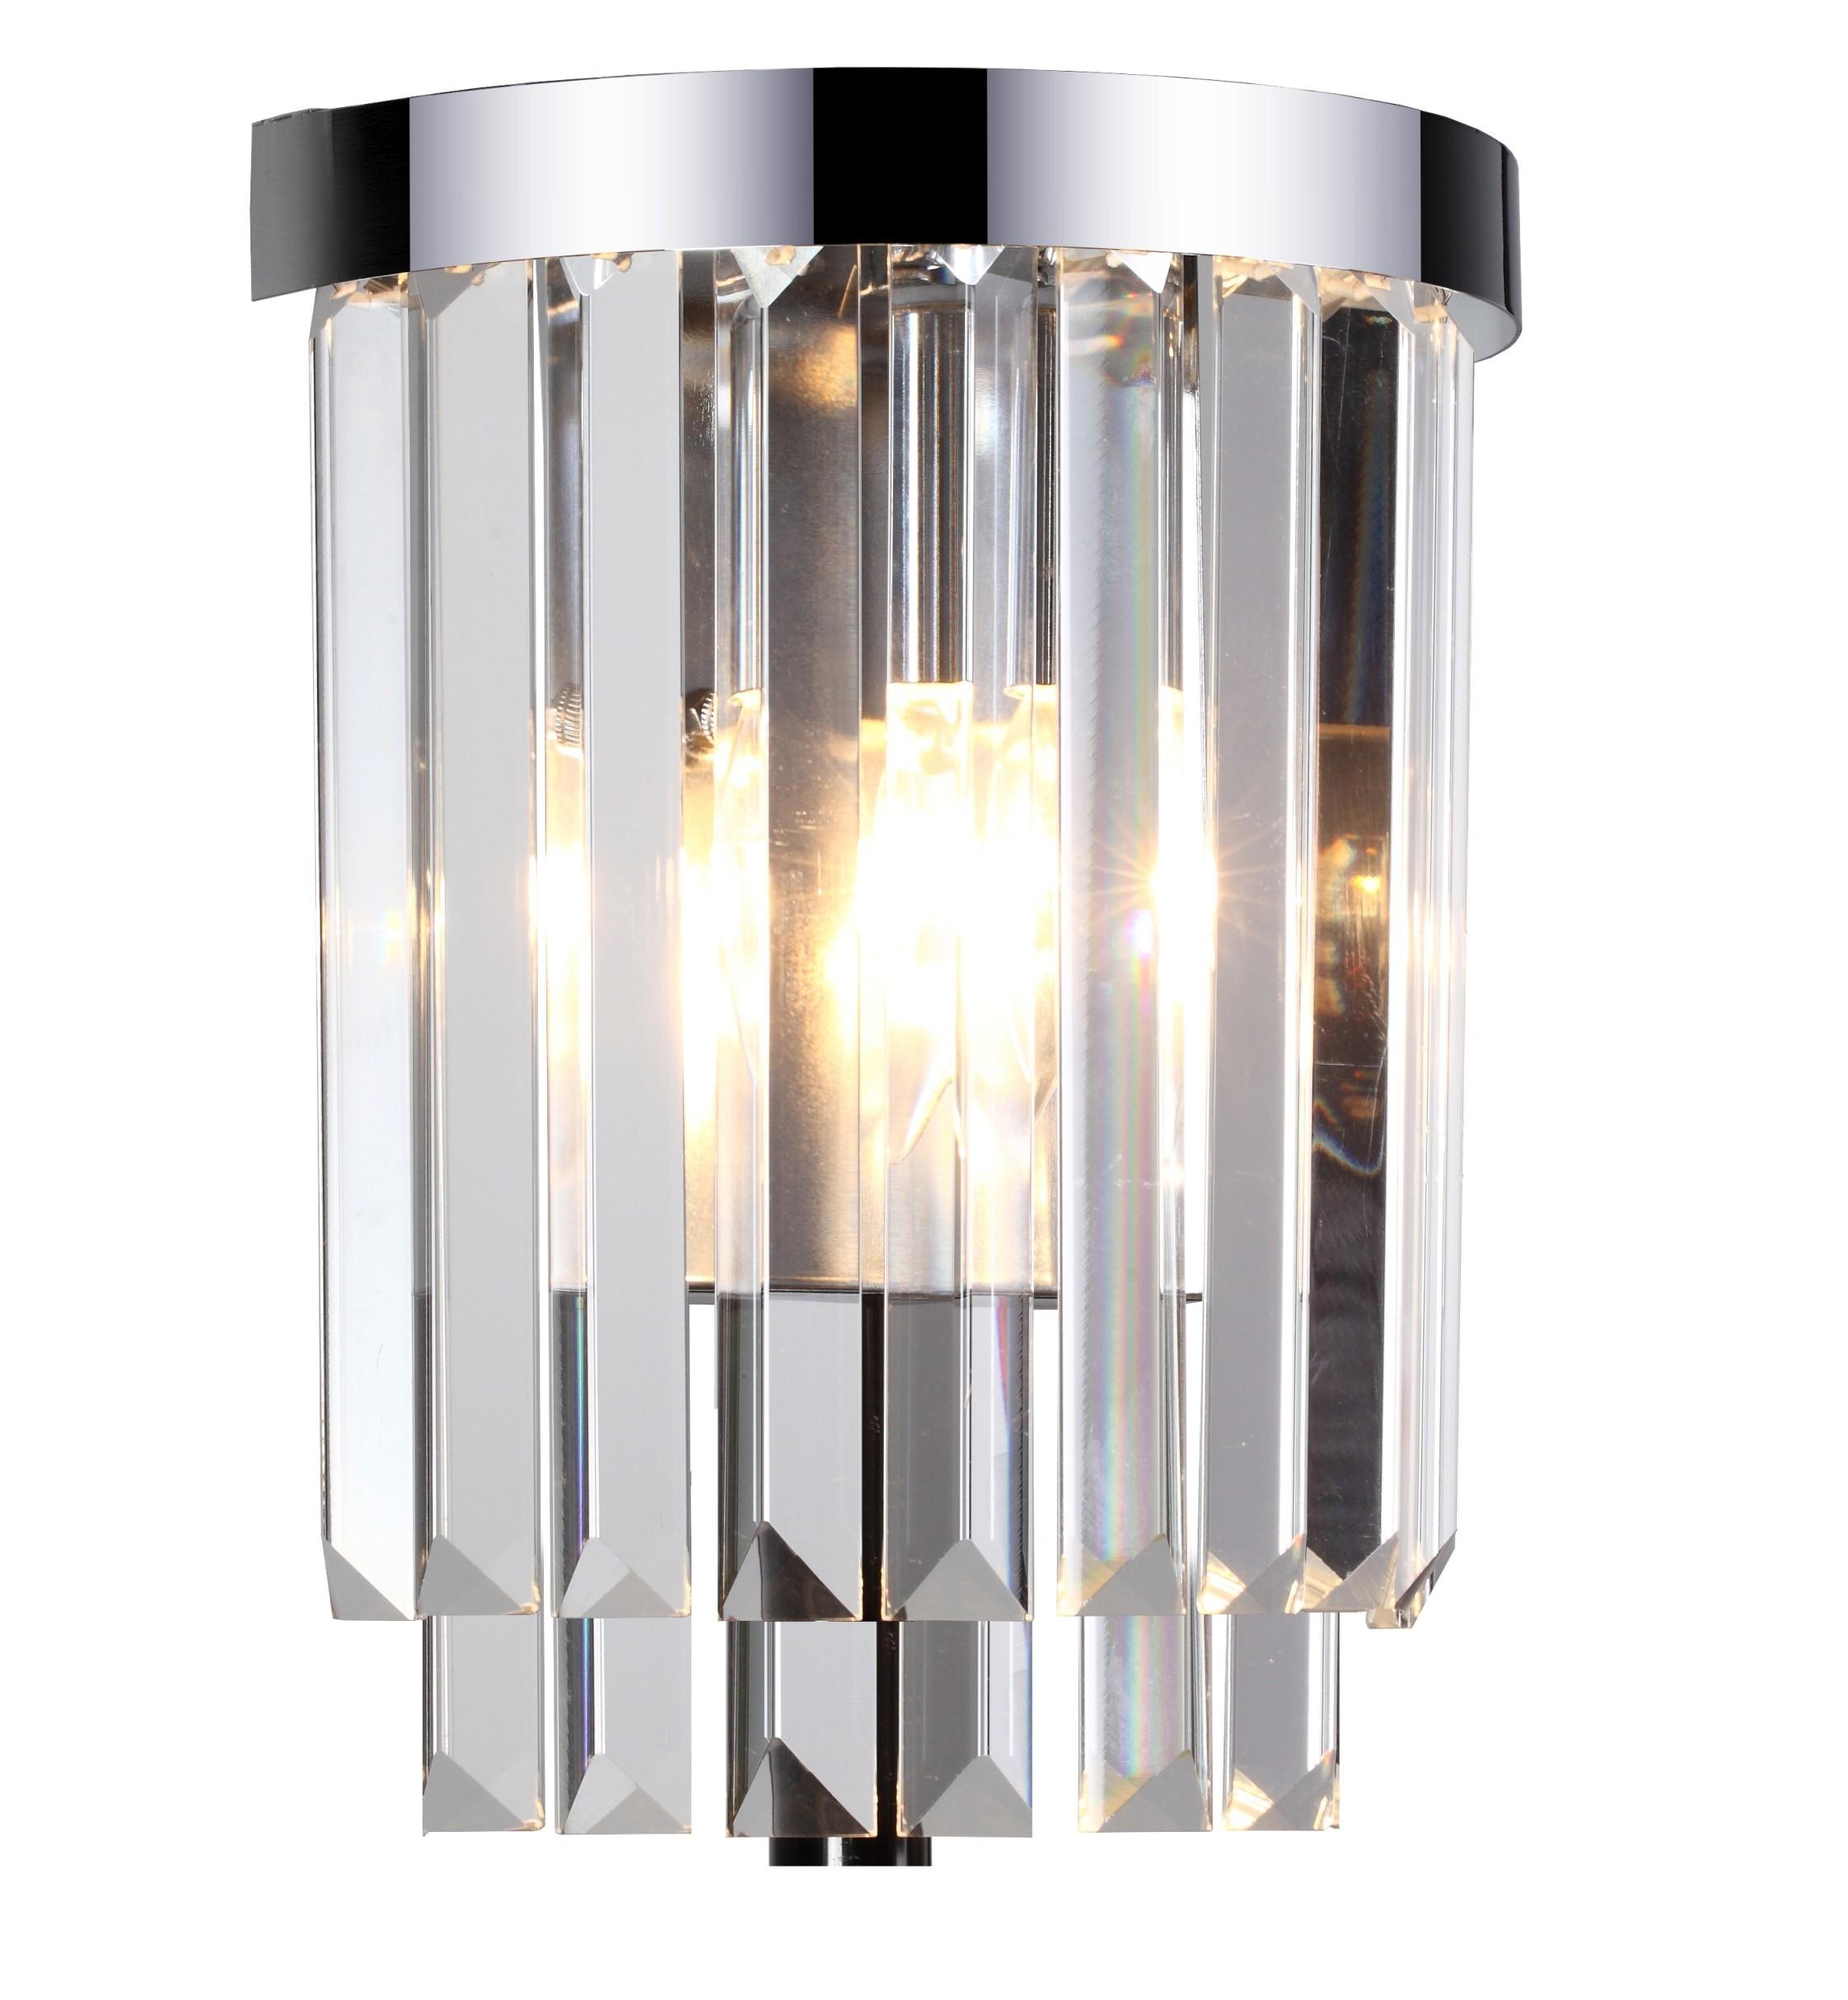 Kinkiet Vetro kryształowy LP-2910/1W - Light Prestige Do -17% rabatu w koszyku i darmowa dostawa od 299zł !